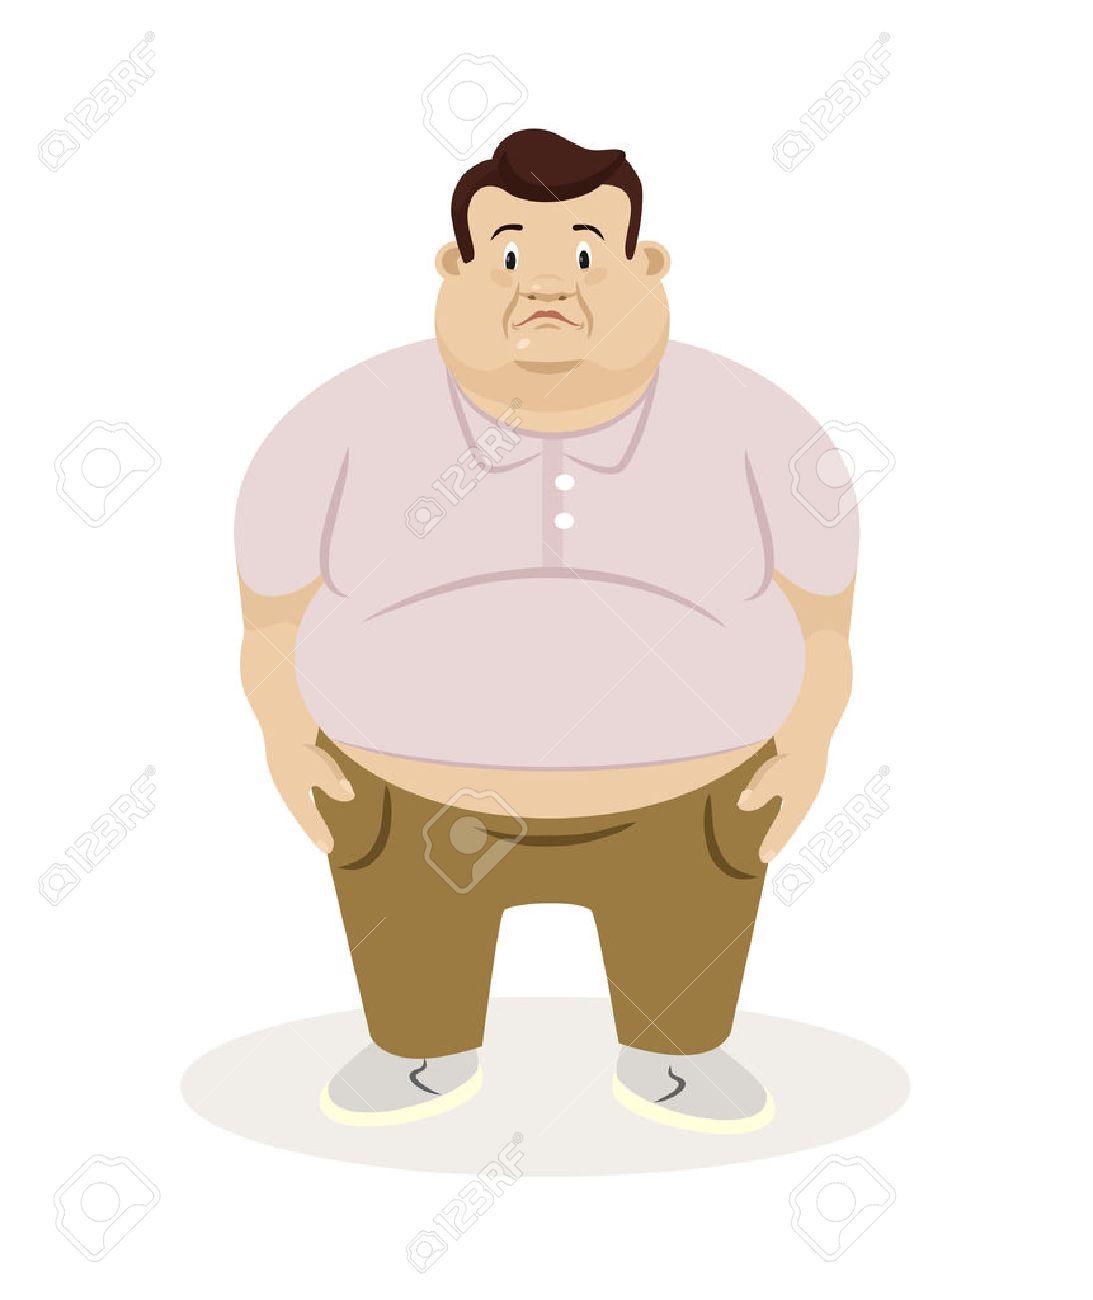 Homem Gordo Ilustração Em Vetor Plana